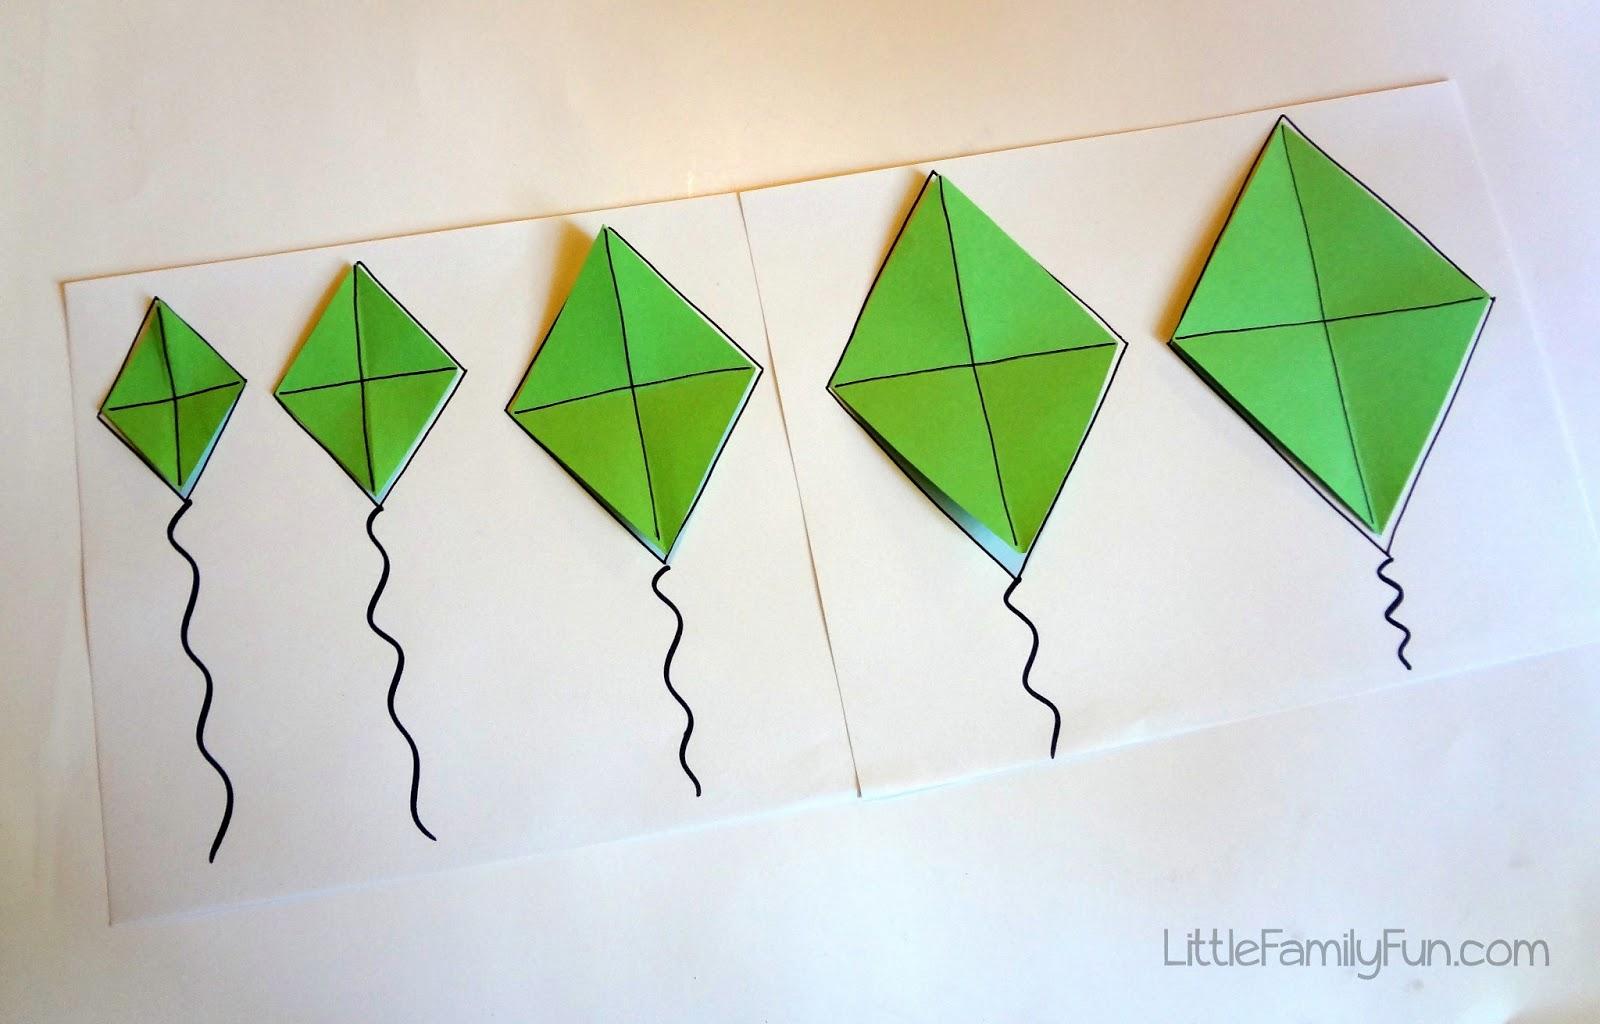 Little Family Fun Kite Sizes